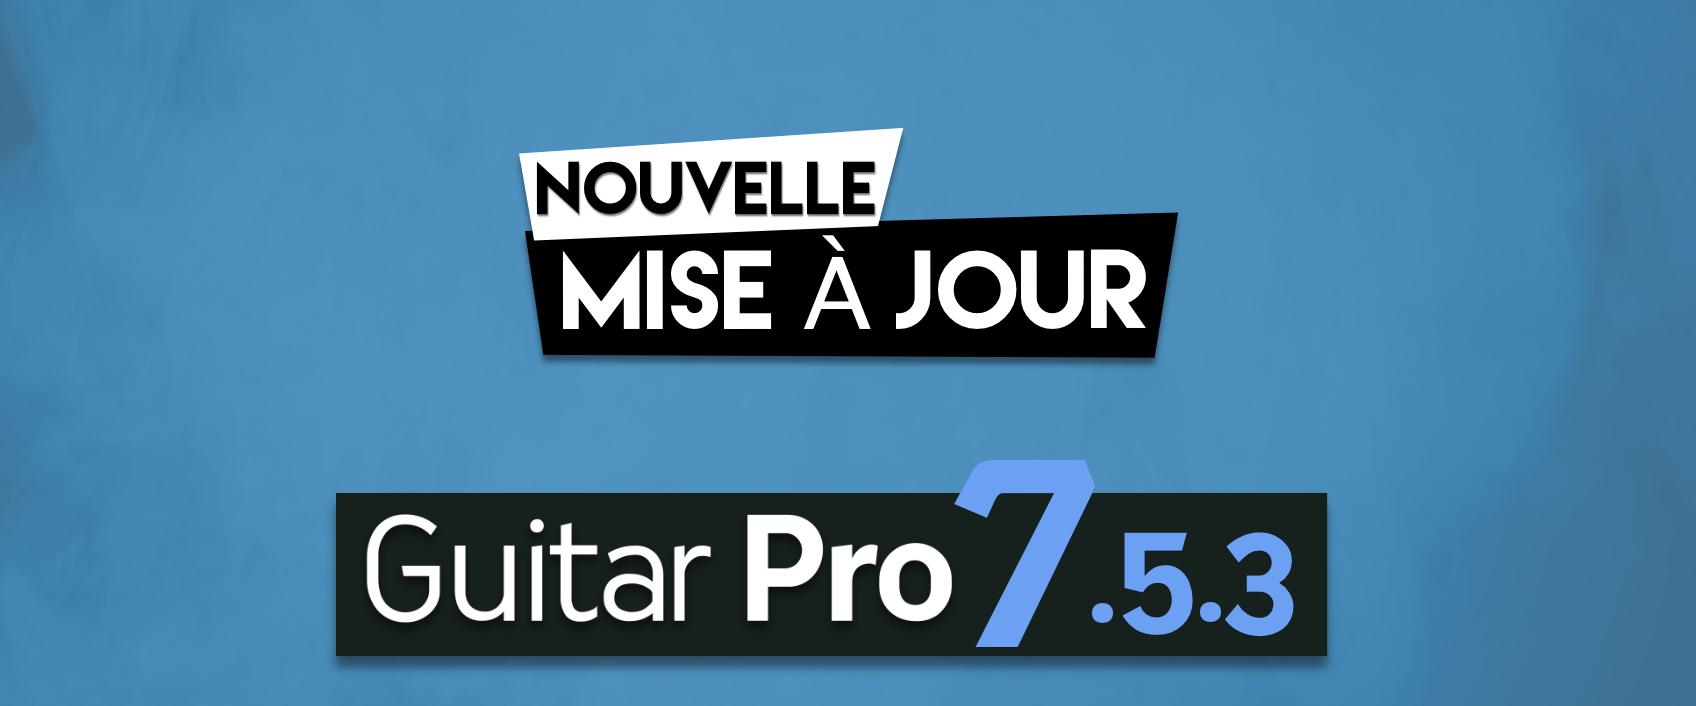 Guitar Pro 7.5.3 est disponible